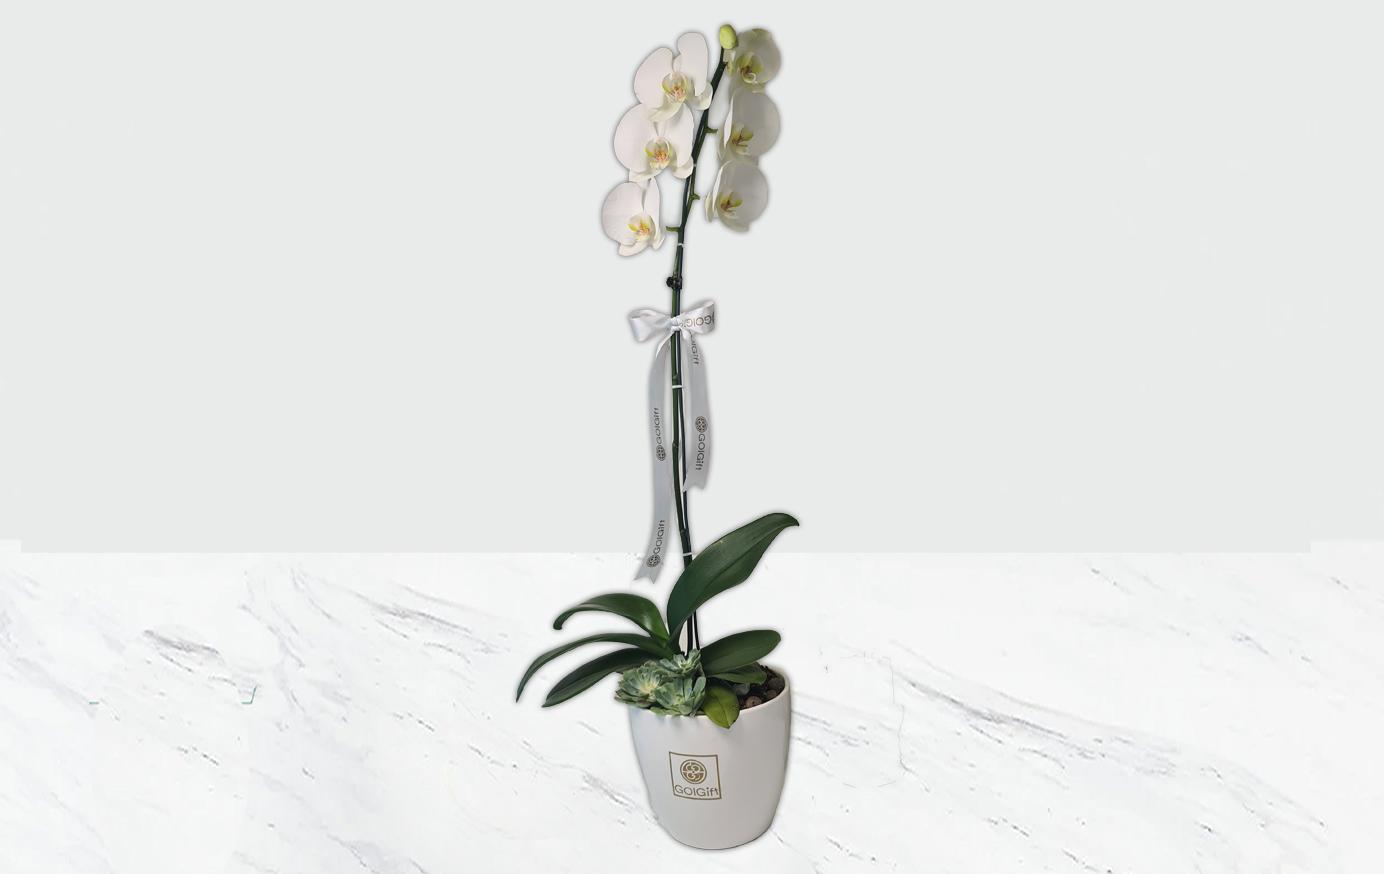 گلدان ارکیده سفید